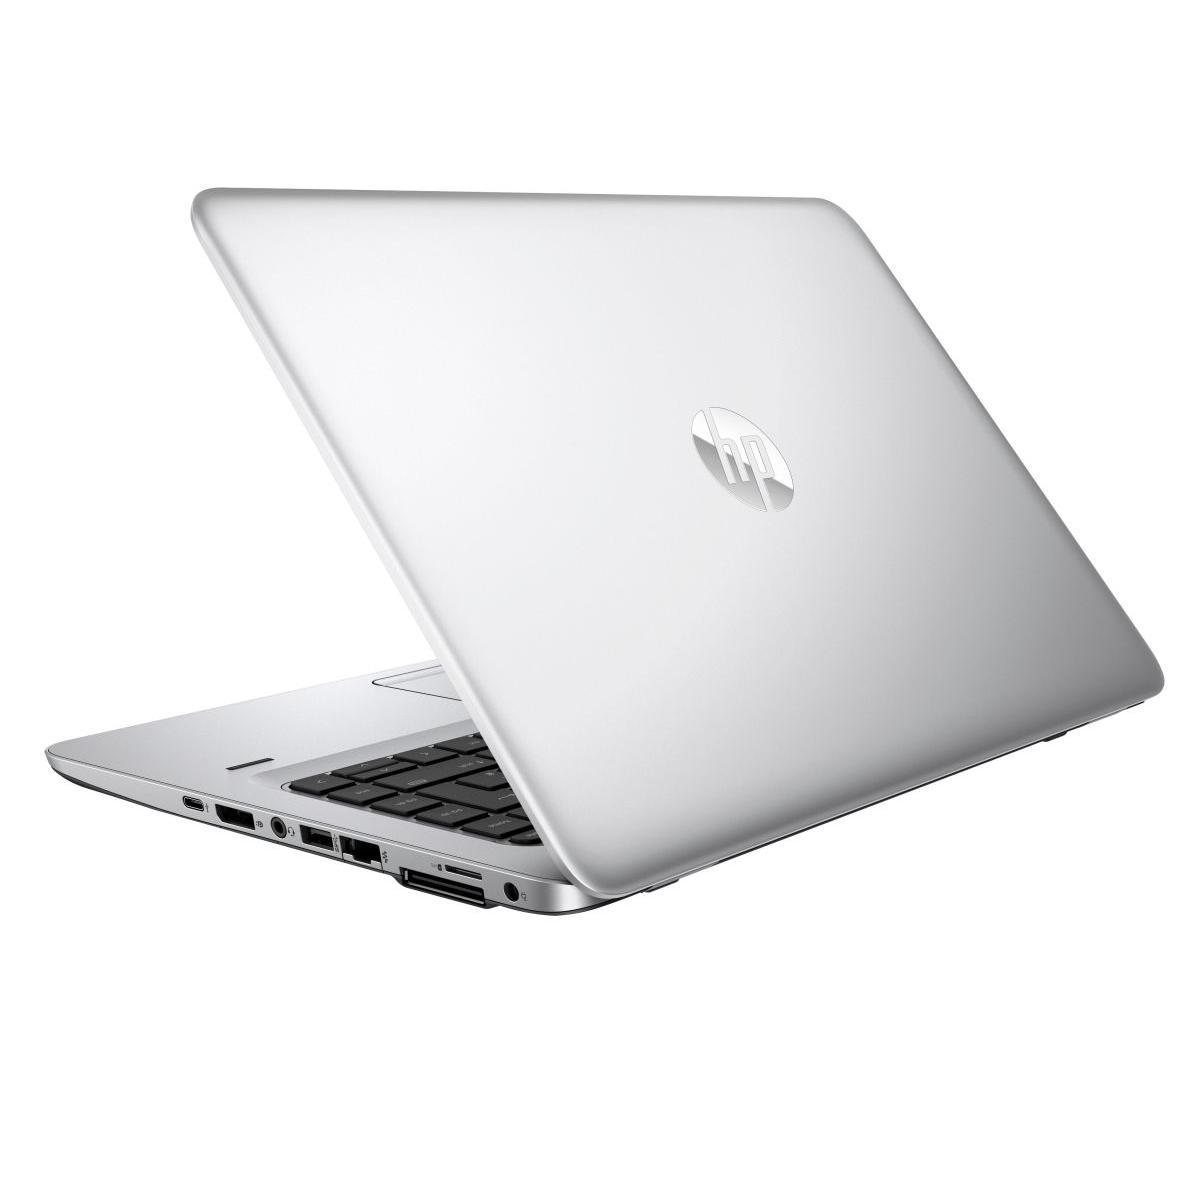 Hp EliteBook 745 G3 14-tum (2016) - PRO A10-8700B - 8GB - SSD 480 GB QWERTZ - Tyska